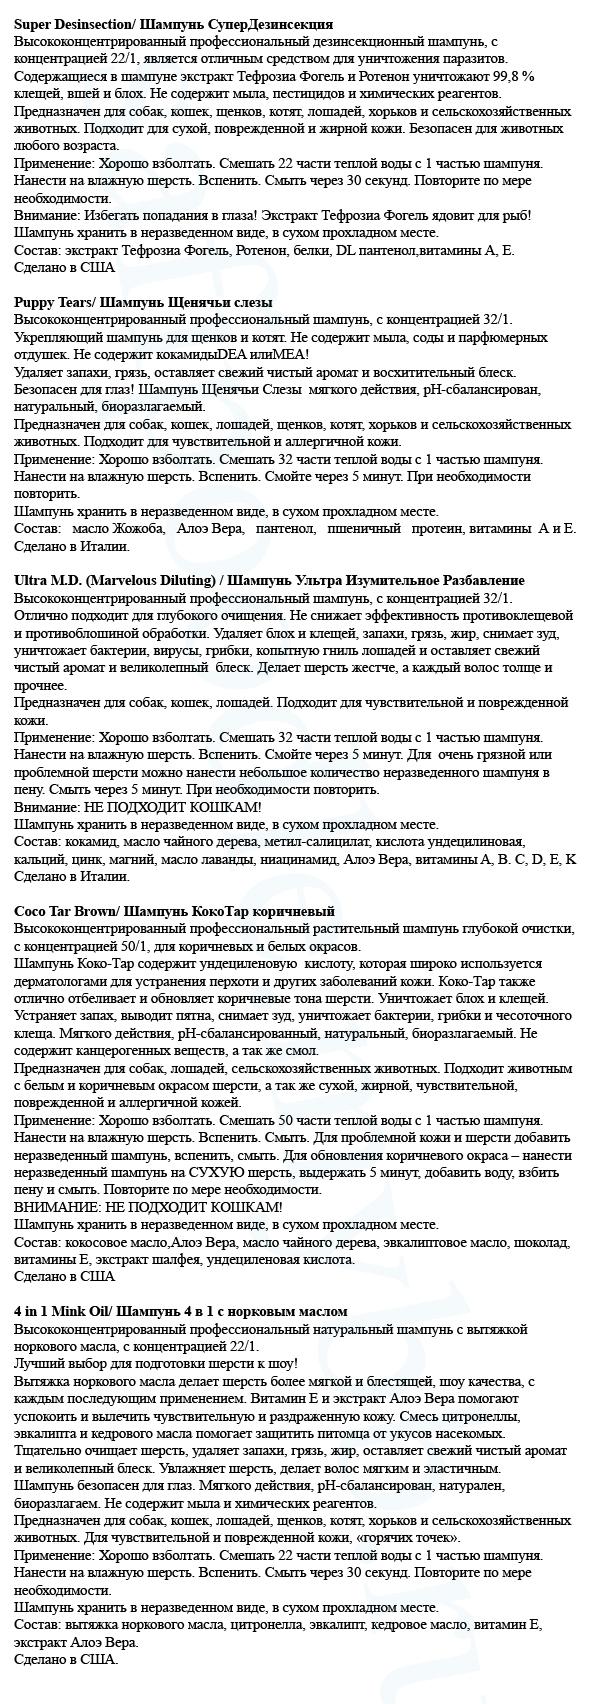 http://s8.uploads.ru/U6sHk.jpg